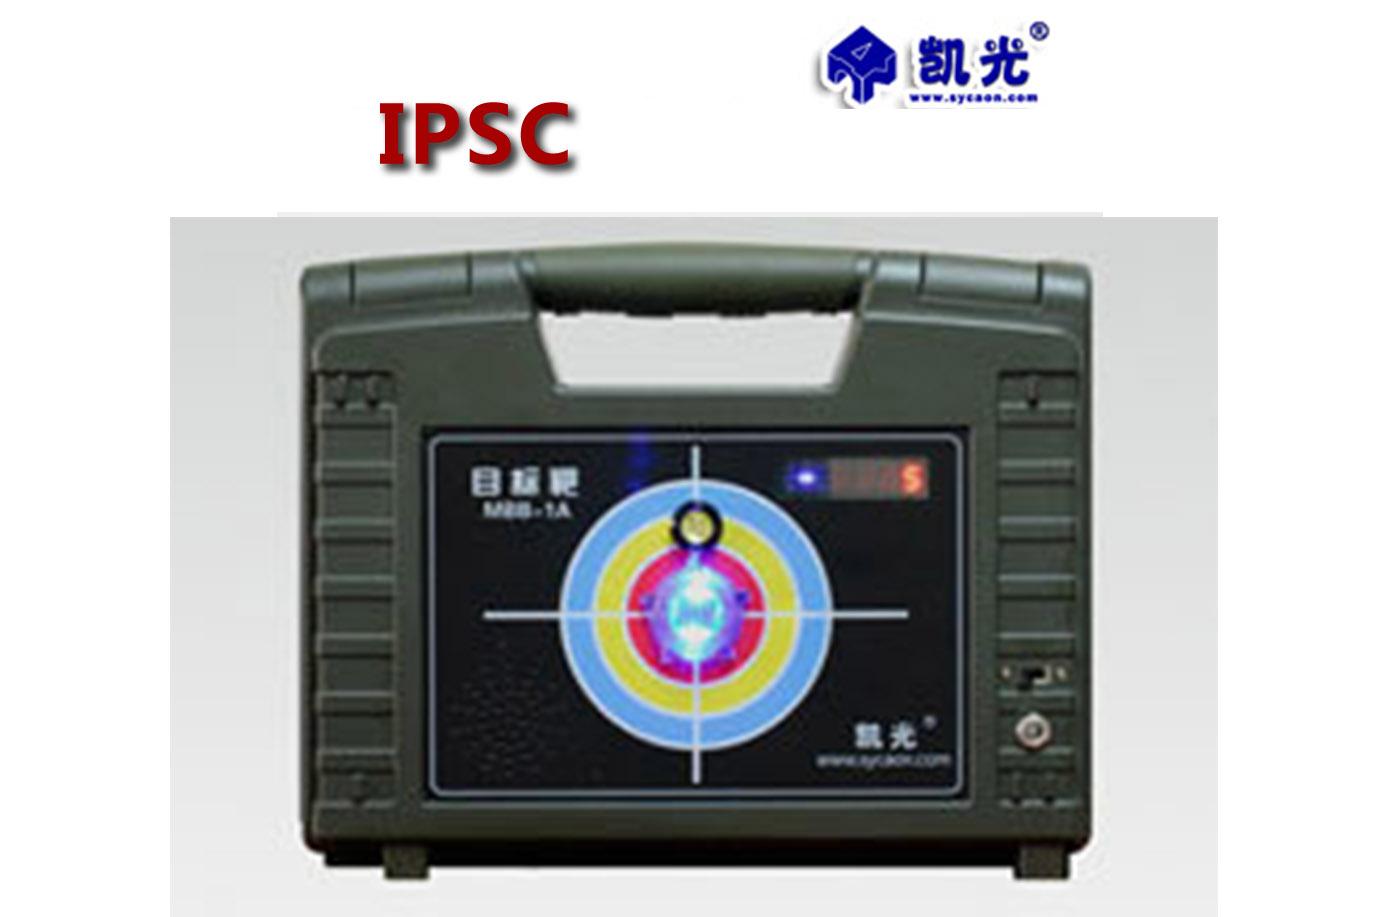 IPSC器材組